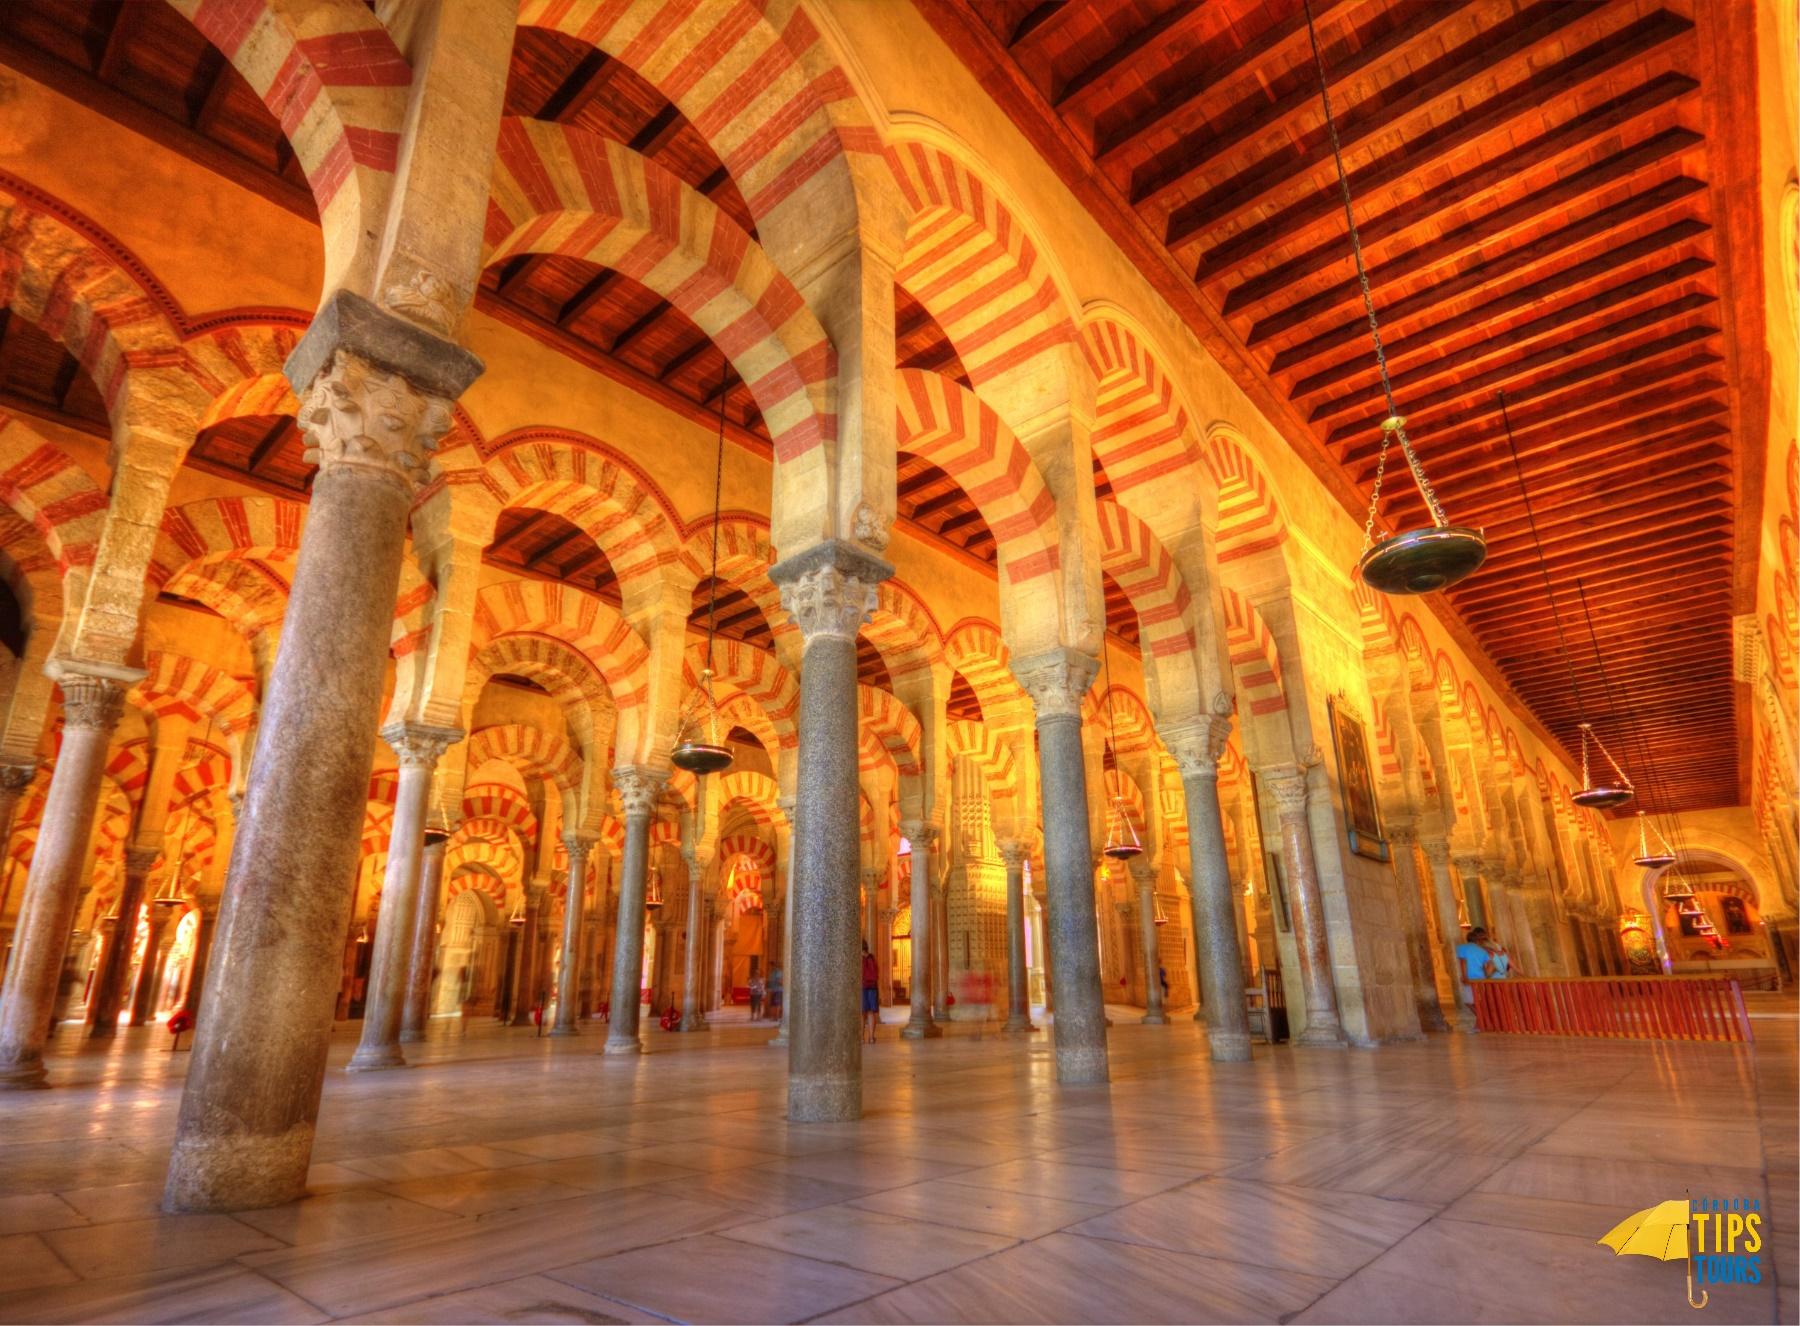 El Real Alcazar de Sevilla, la Mezquita de Córdoba y la Alhambra de Granada toman la delantera